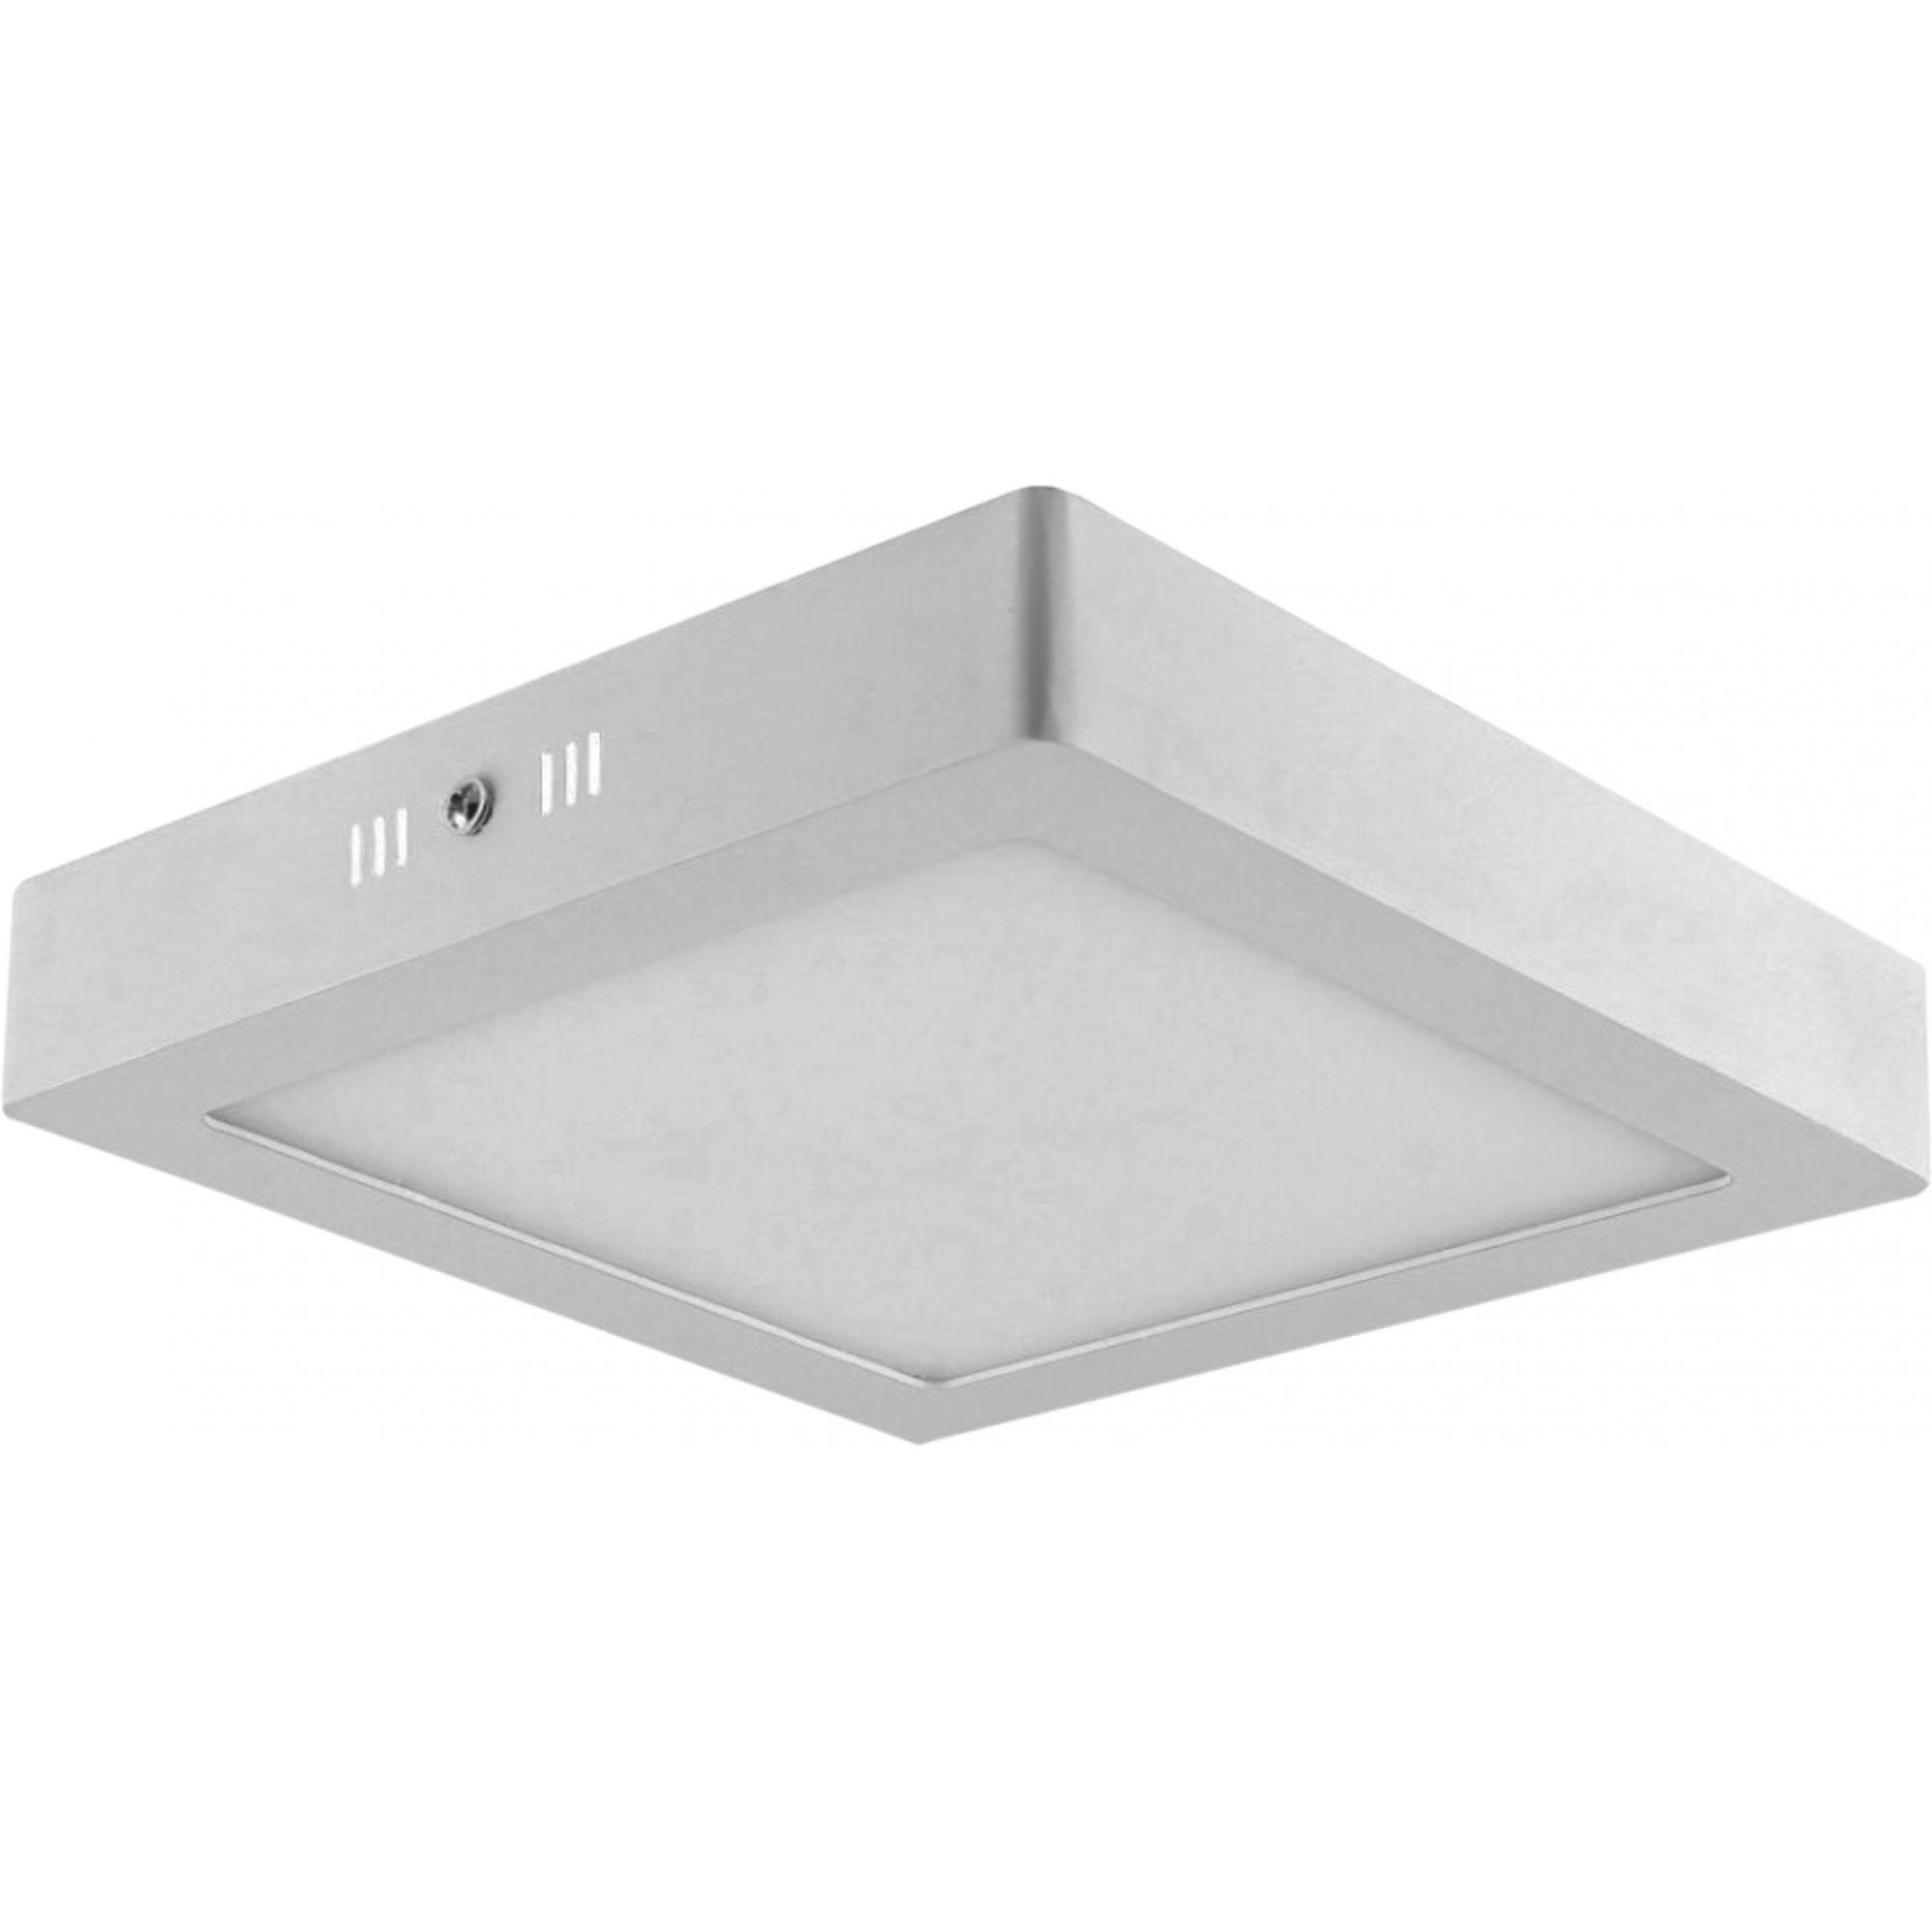 Painel LED Sobrepor Dimerizável 18W 22X22CM Quadrado 110V  - Branco Quente 3000K